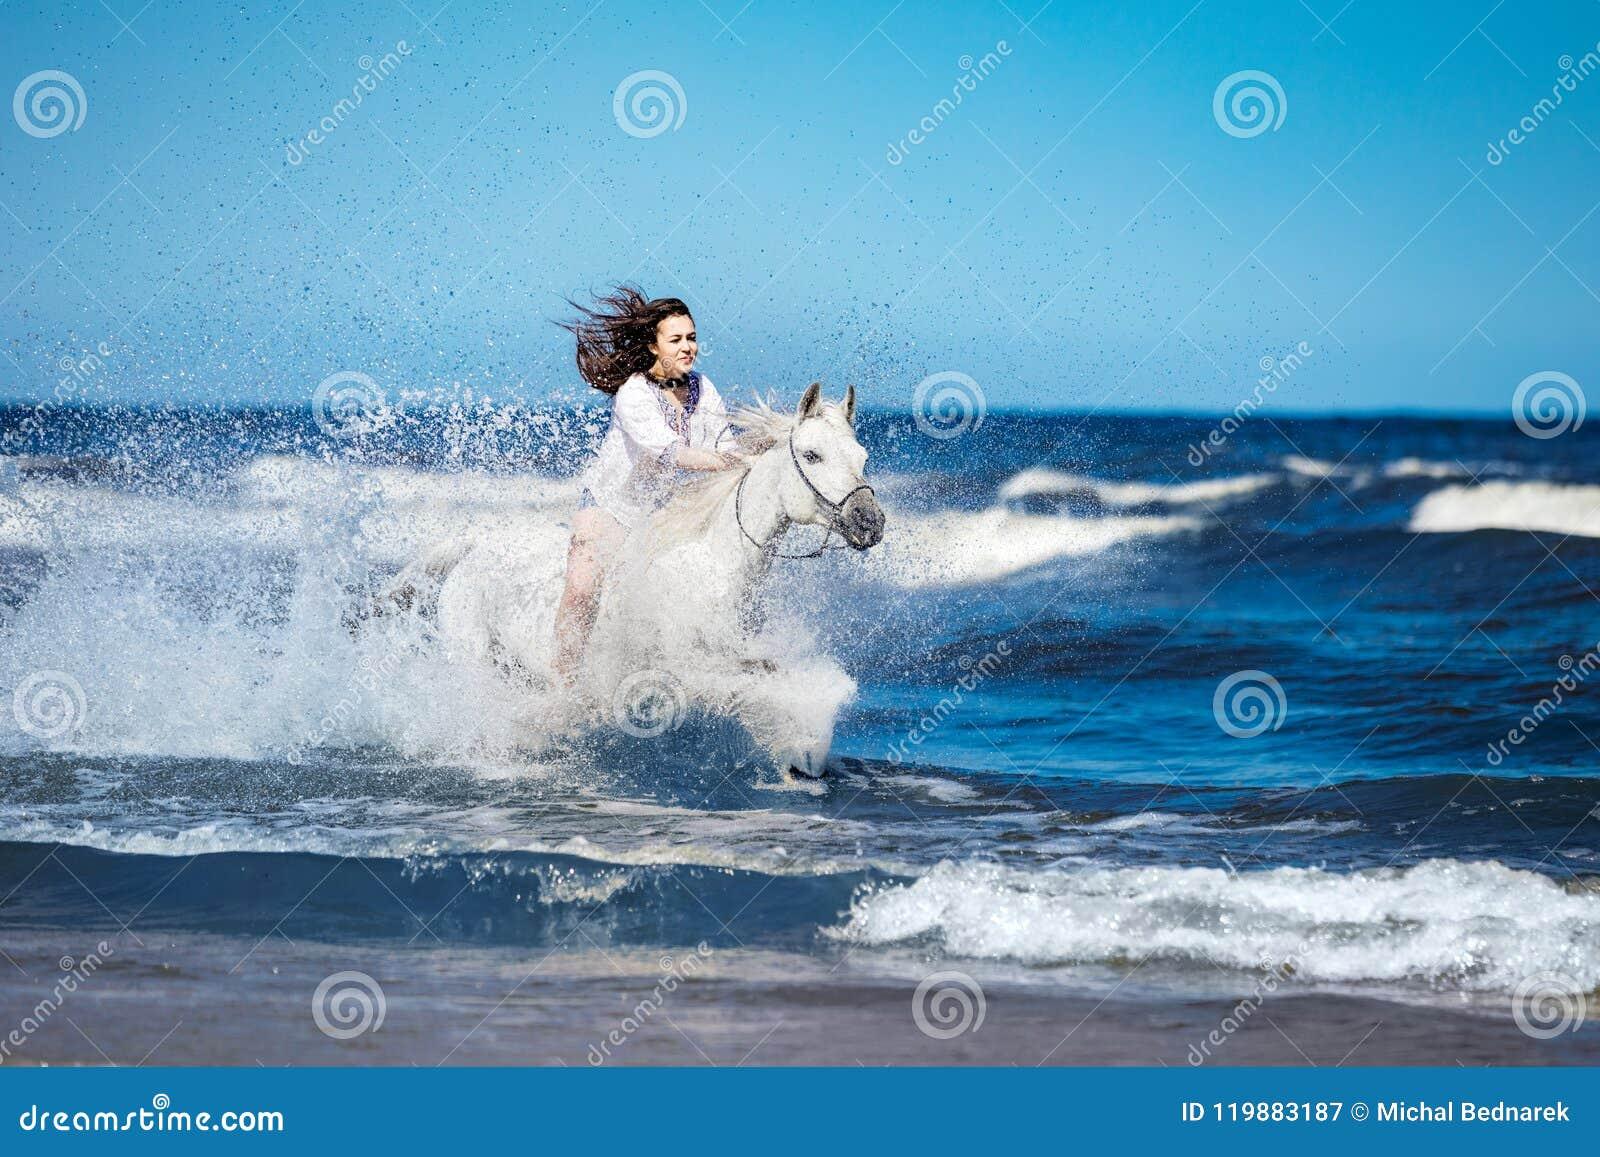 Fille sur un cheval blanc fulminant par l eau